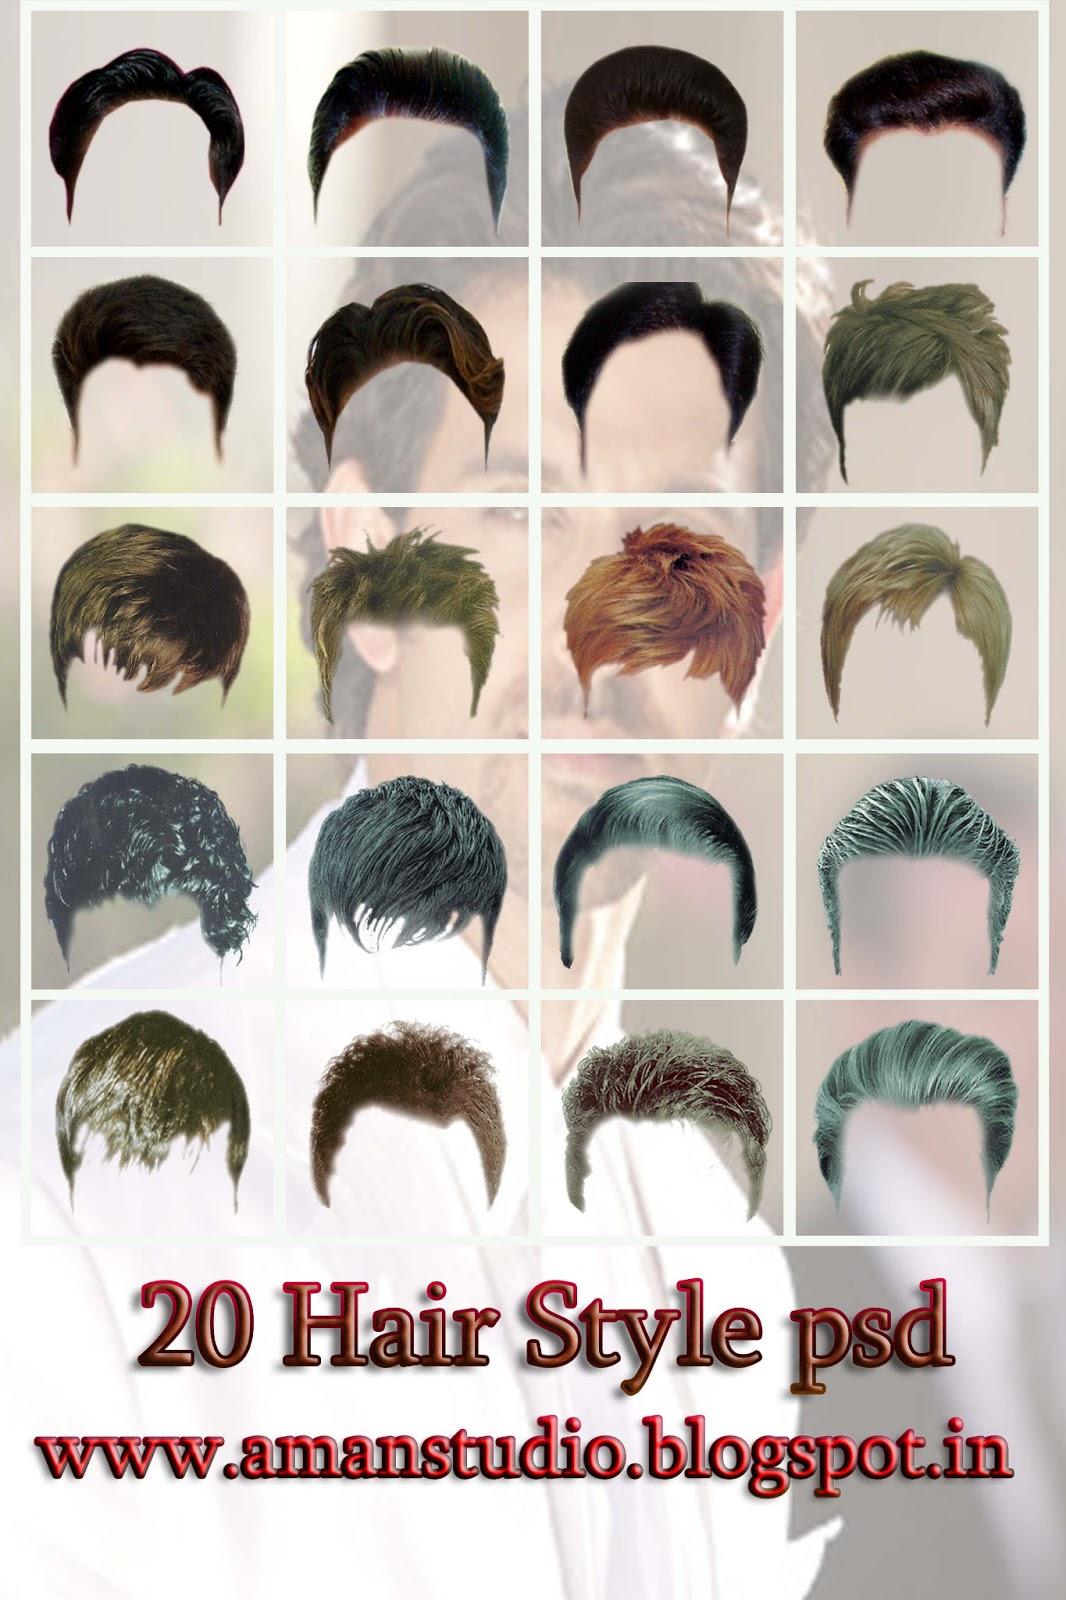 aman studio: 20 hair style psd